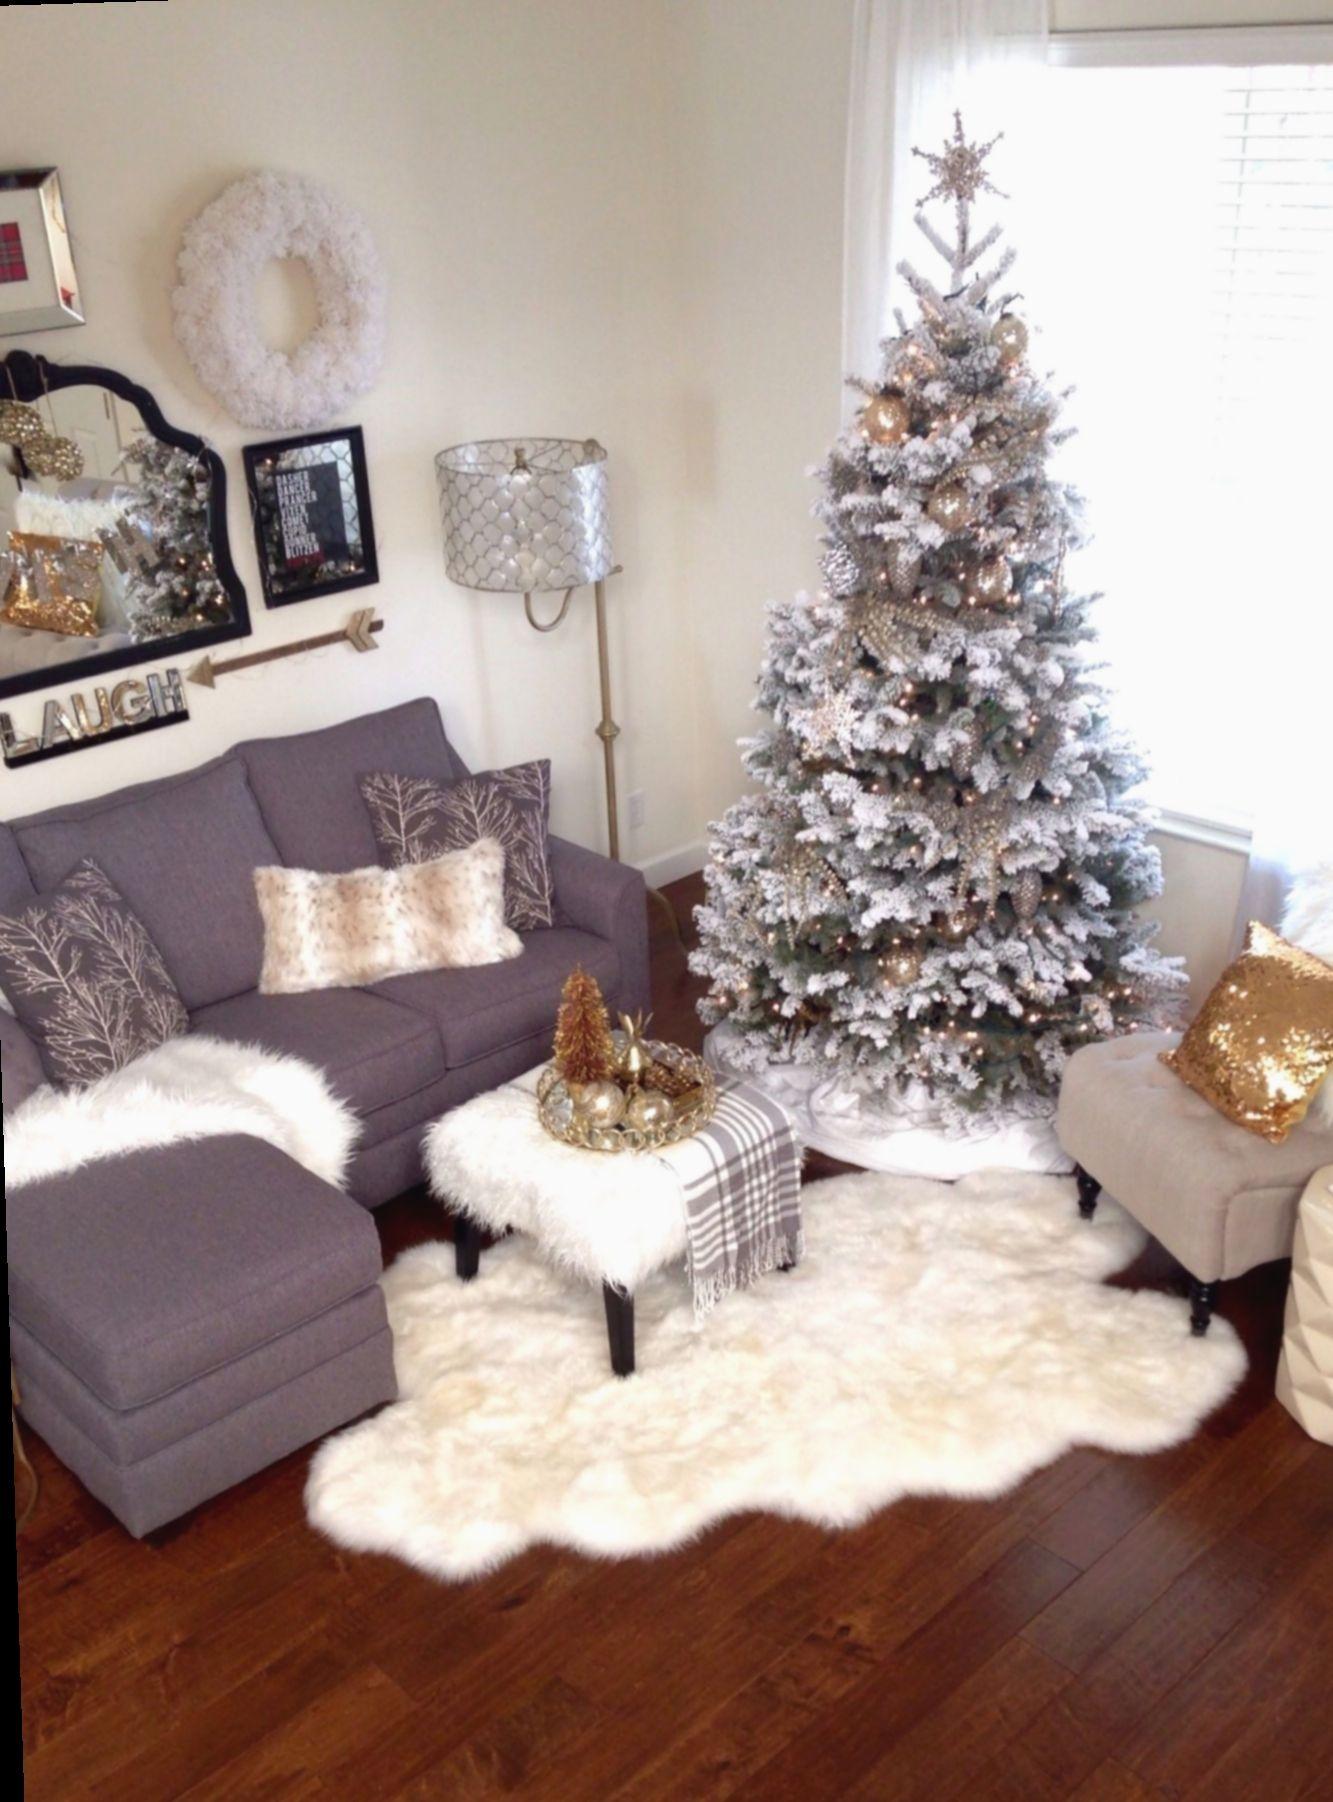 13 Christmas Decor Ideas For Living Room Apartment Christmas Apartment Christmas Living Rooms Christmas Decorations Living Room Small living room christmas